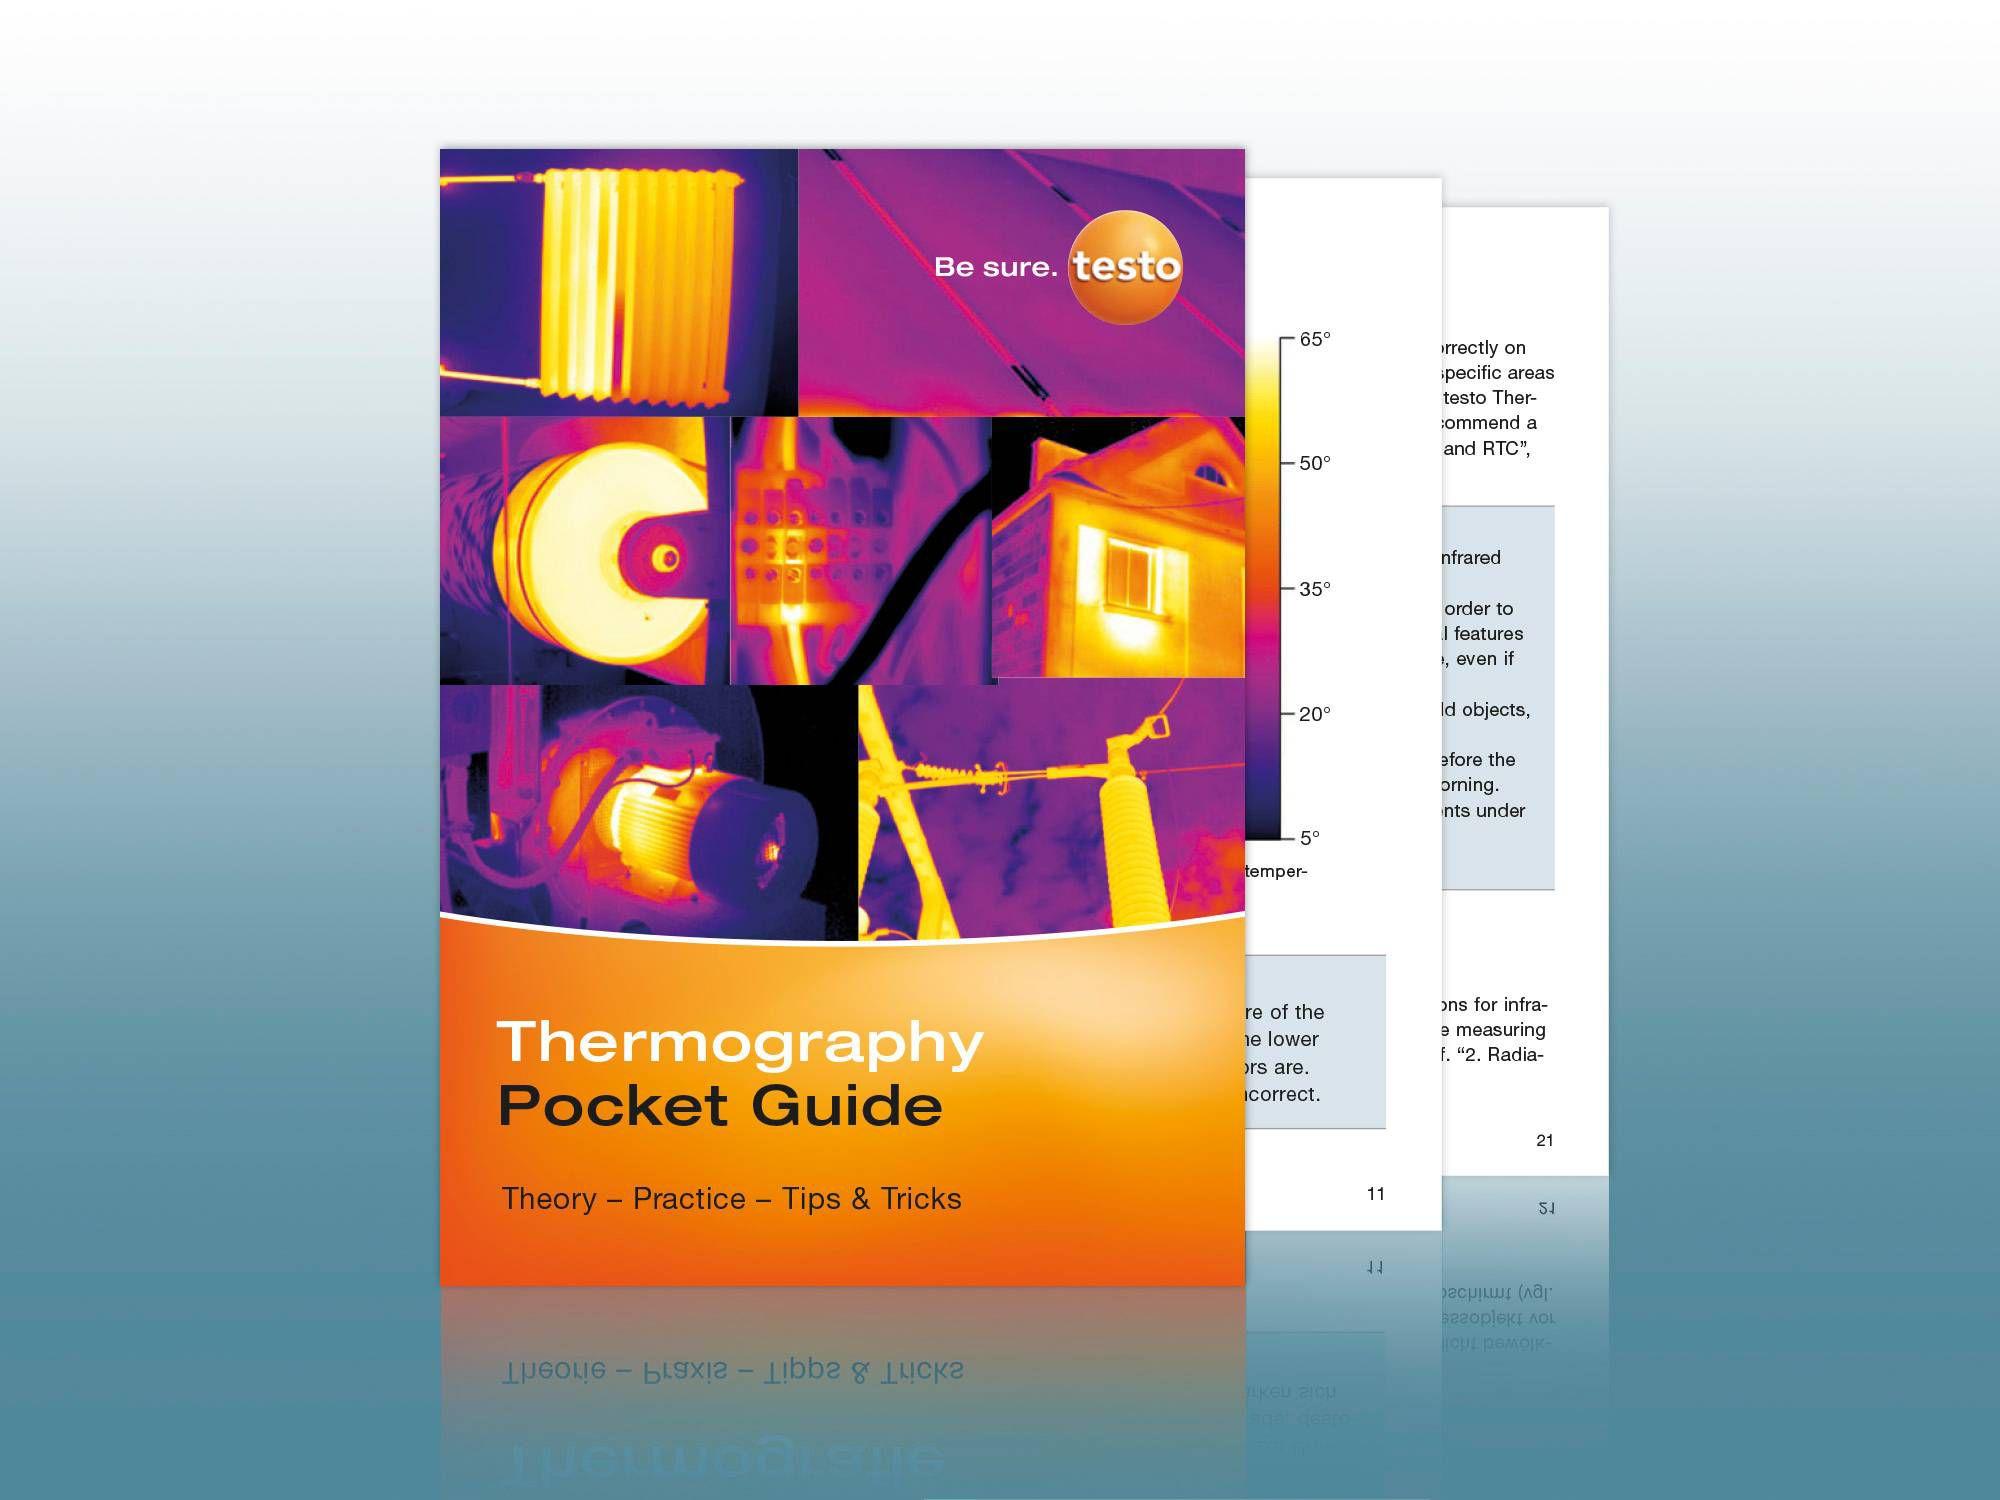 Pocket Guide di termografia